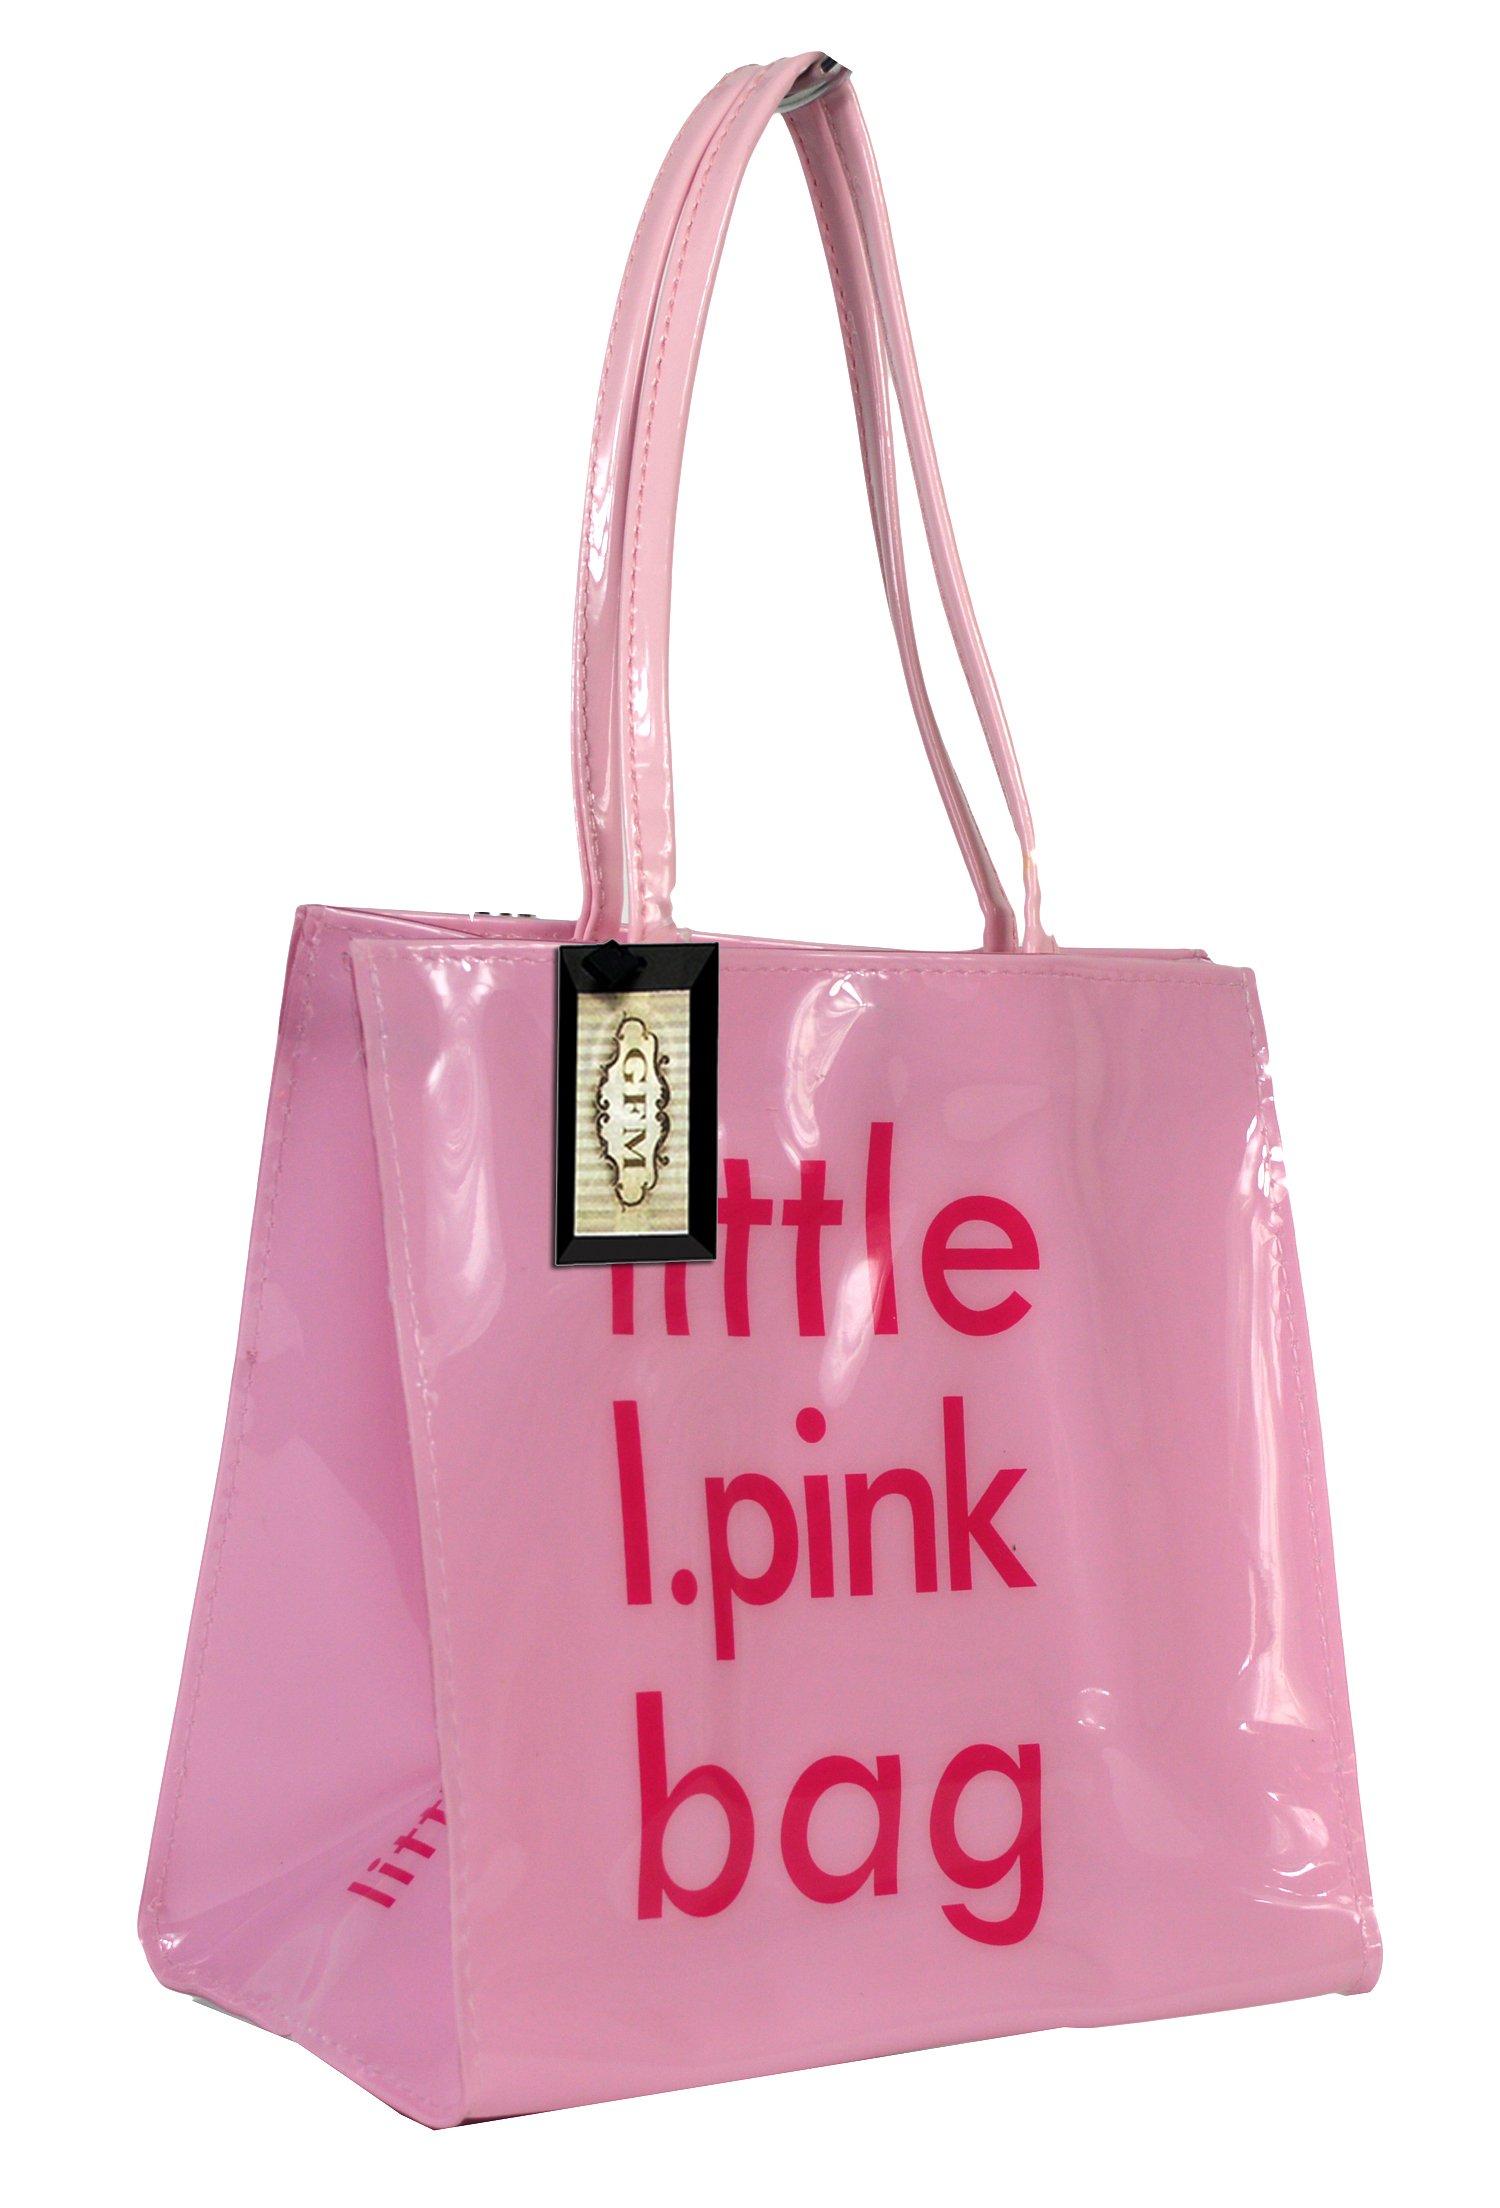 f1d2753a14a21 Descrizione. PVC piccola o media riutilizzabile Shopper o borsa per ...